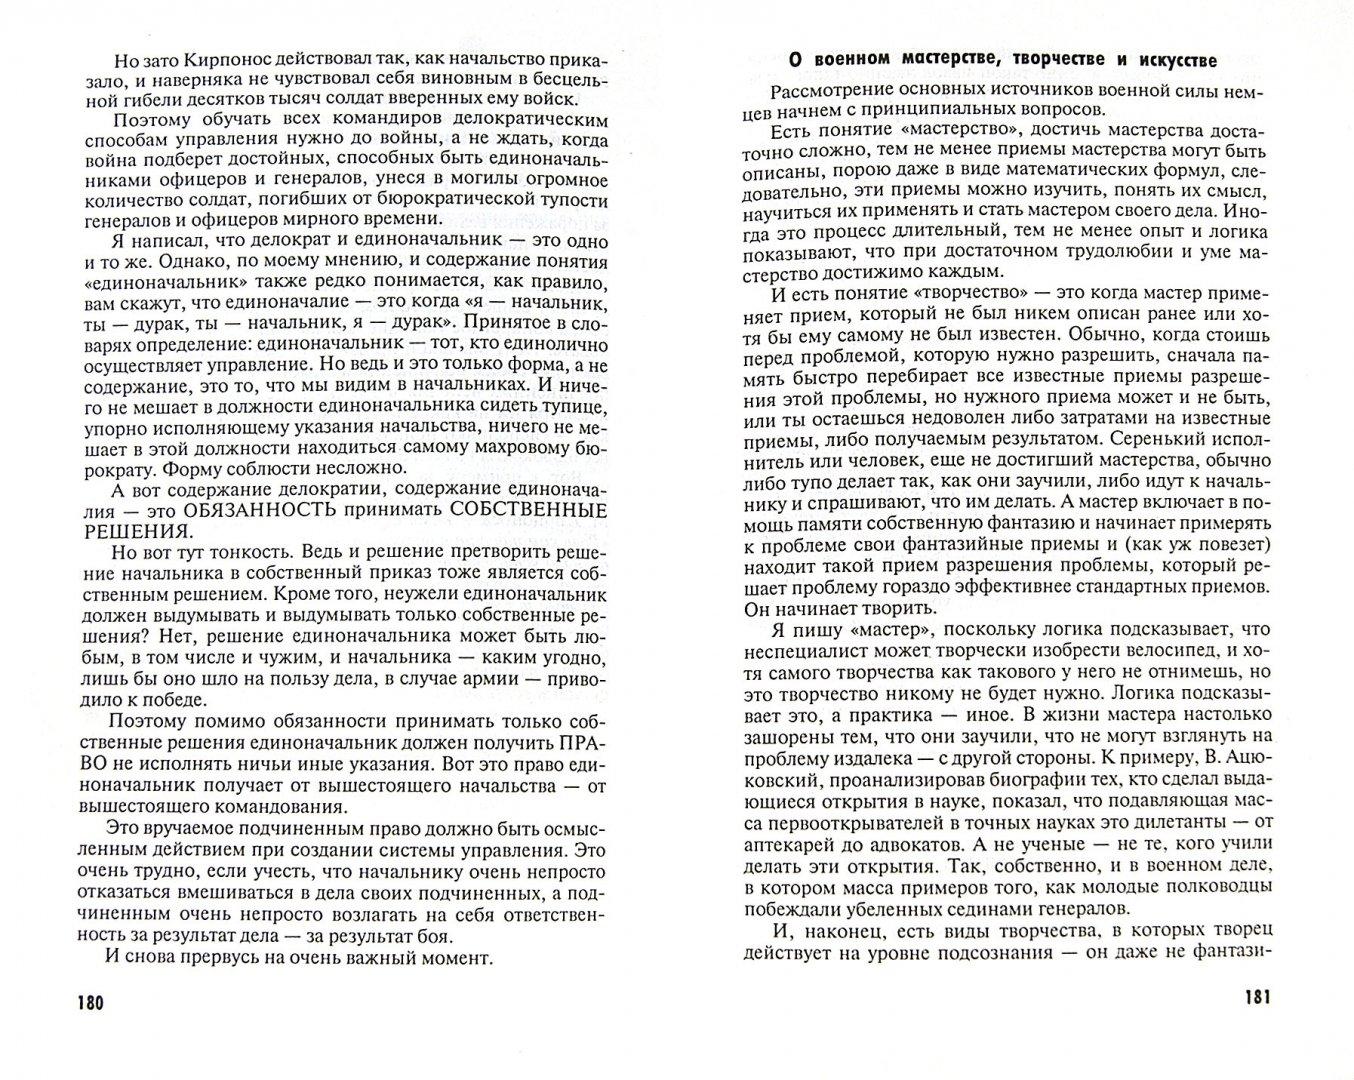 Иллюстрация 1 из 6 для Когда НАТО будет бомбить Россию? Блицкриг против путина - Юрий Мухин | Лабиринт - книги. Источник: Лабиринт